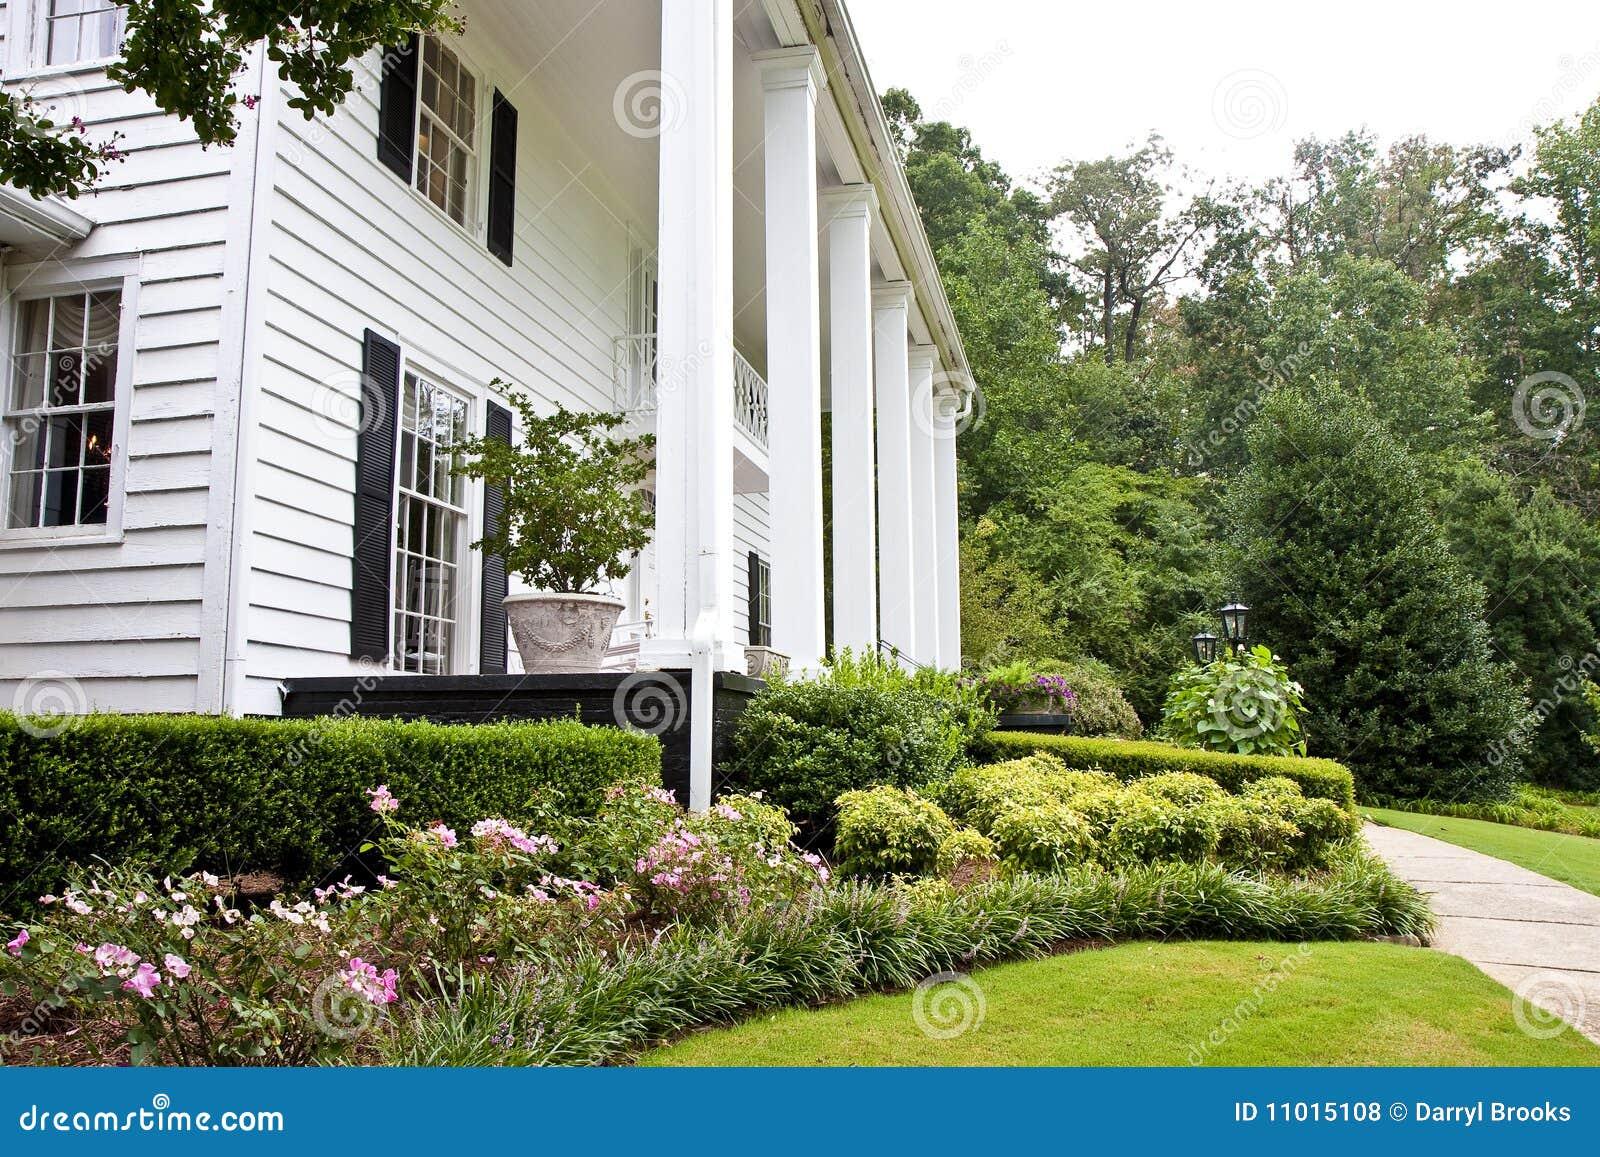 Immagini di riserva di piccoli giardini la sovranit di for Piccoli giardini ornamentali